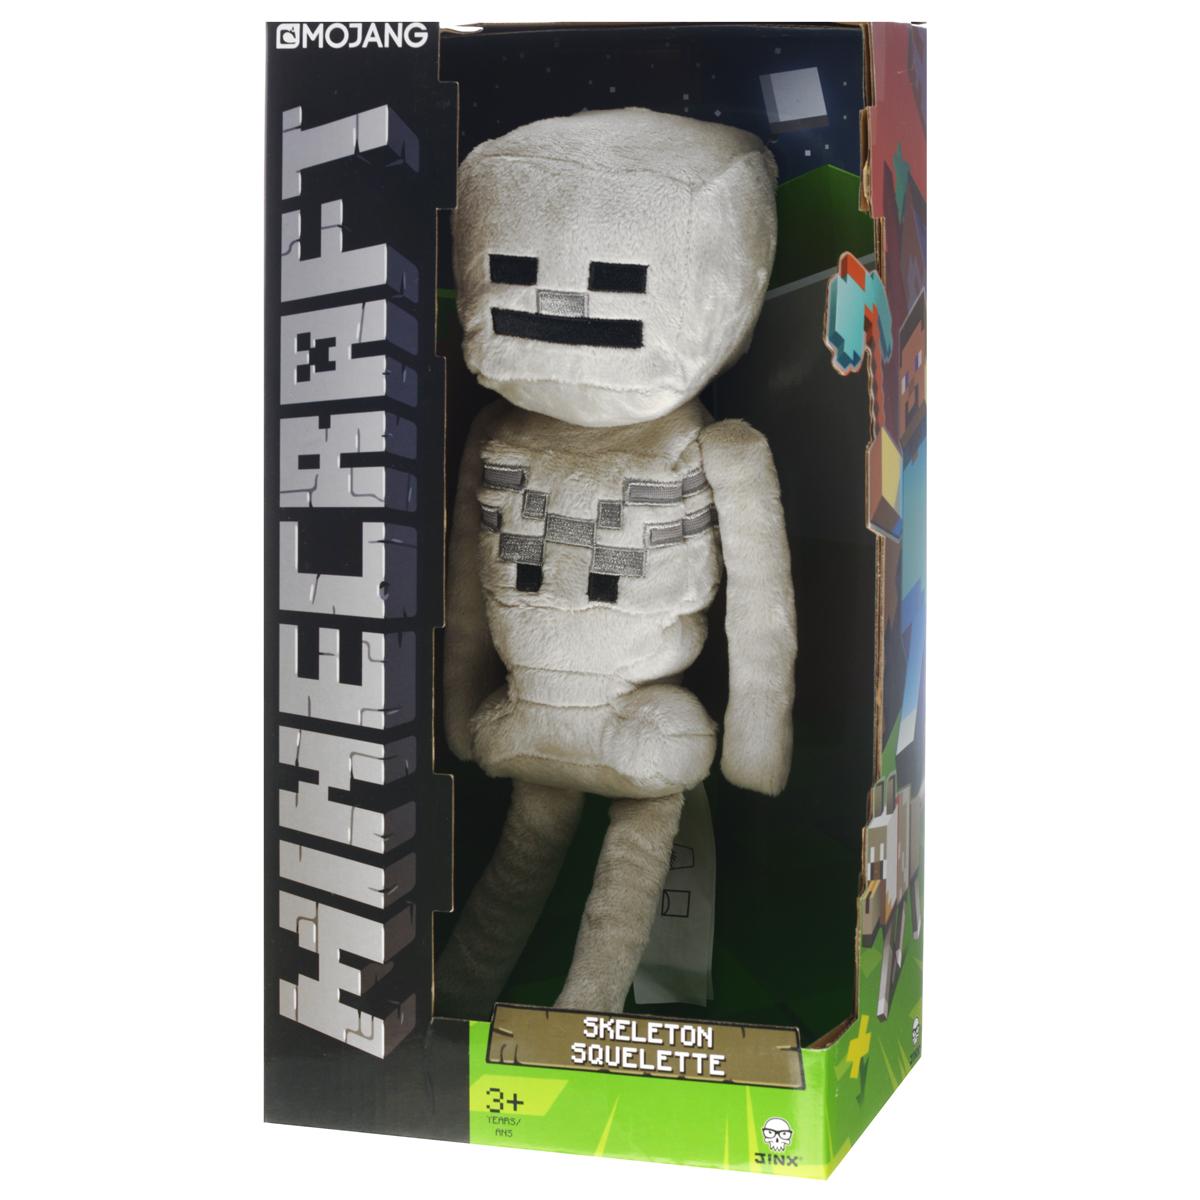 Мягкая игрушка Minecraft Скелетон, 33 см17431Мягкая игрушка Minecraft Скелетон станет прекрасным подарком любителю всего необычного и оригинального. Она выполнена из приятного на ощупь полиэстера в виде персонажа компьютерной игры Minecraft - Скелетона (Skeleton) и оформлена вышивкой. Minecraft - компьютерная игра в жанре песочницы с элементами выживания и открытым миром. Мир игры полностью состоит из блоков. Игроки, используя различные режимы, должны строить дома, добывать и использовать ресурсы, бороться с монстрами и т.д.